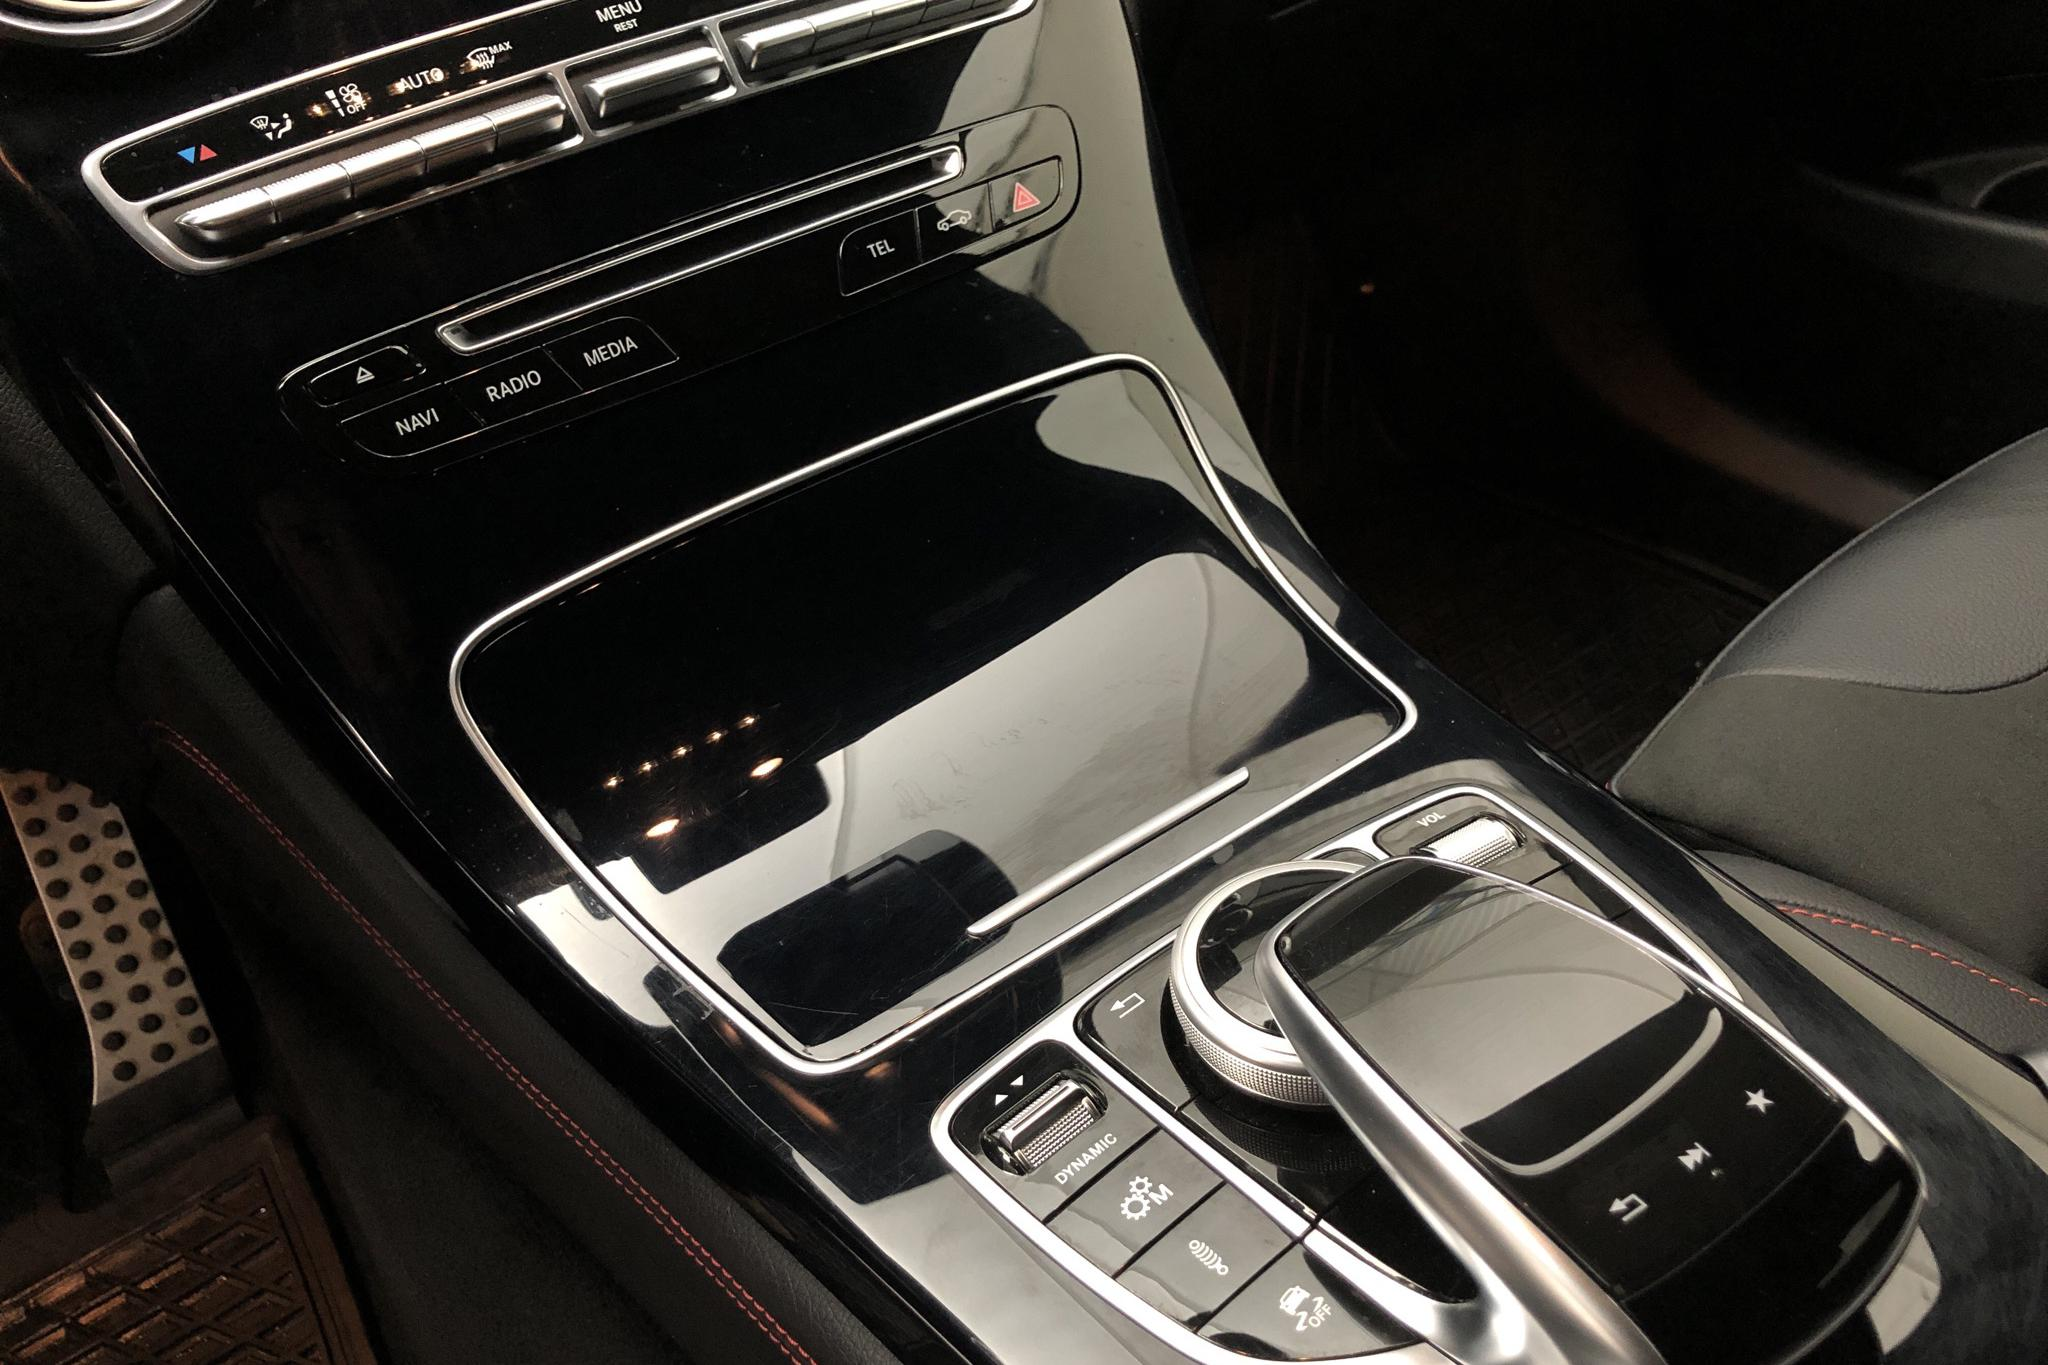 Mercedes GLC 43 AMG 4MATIC Coupé C253 (367hk) - 6 108 mil - Automat - svart - 2018